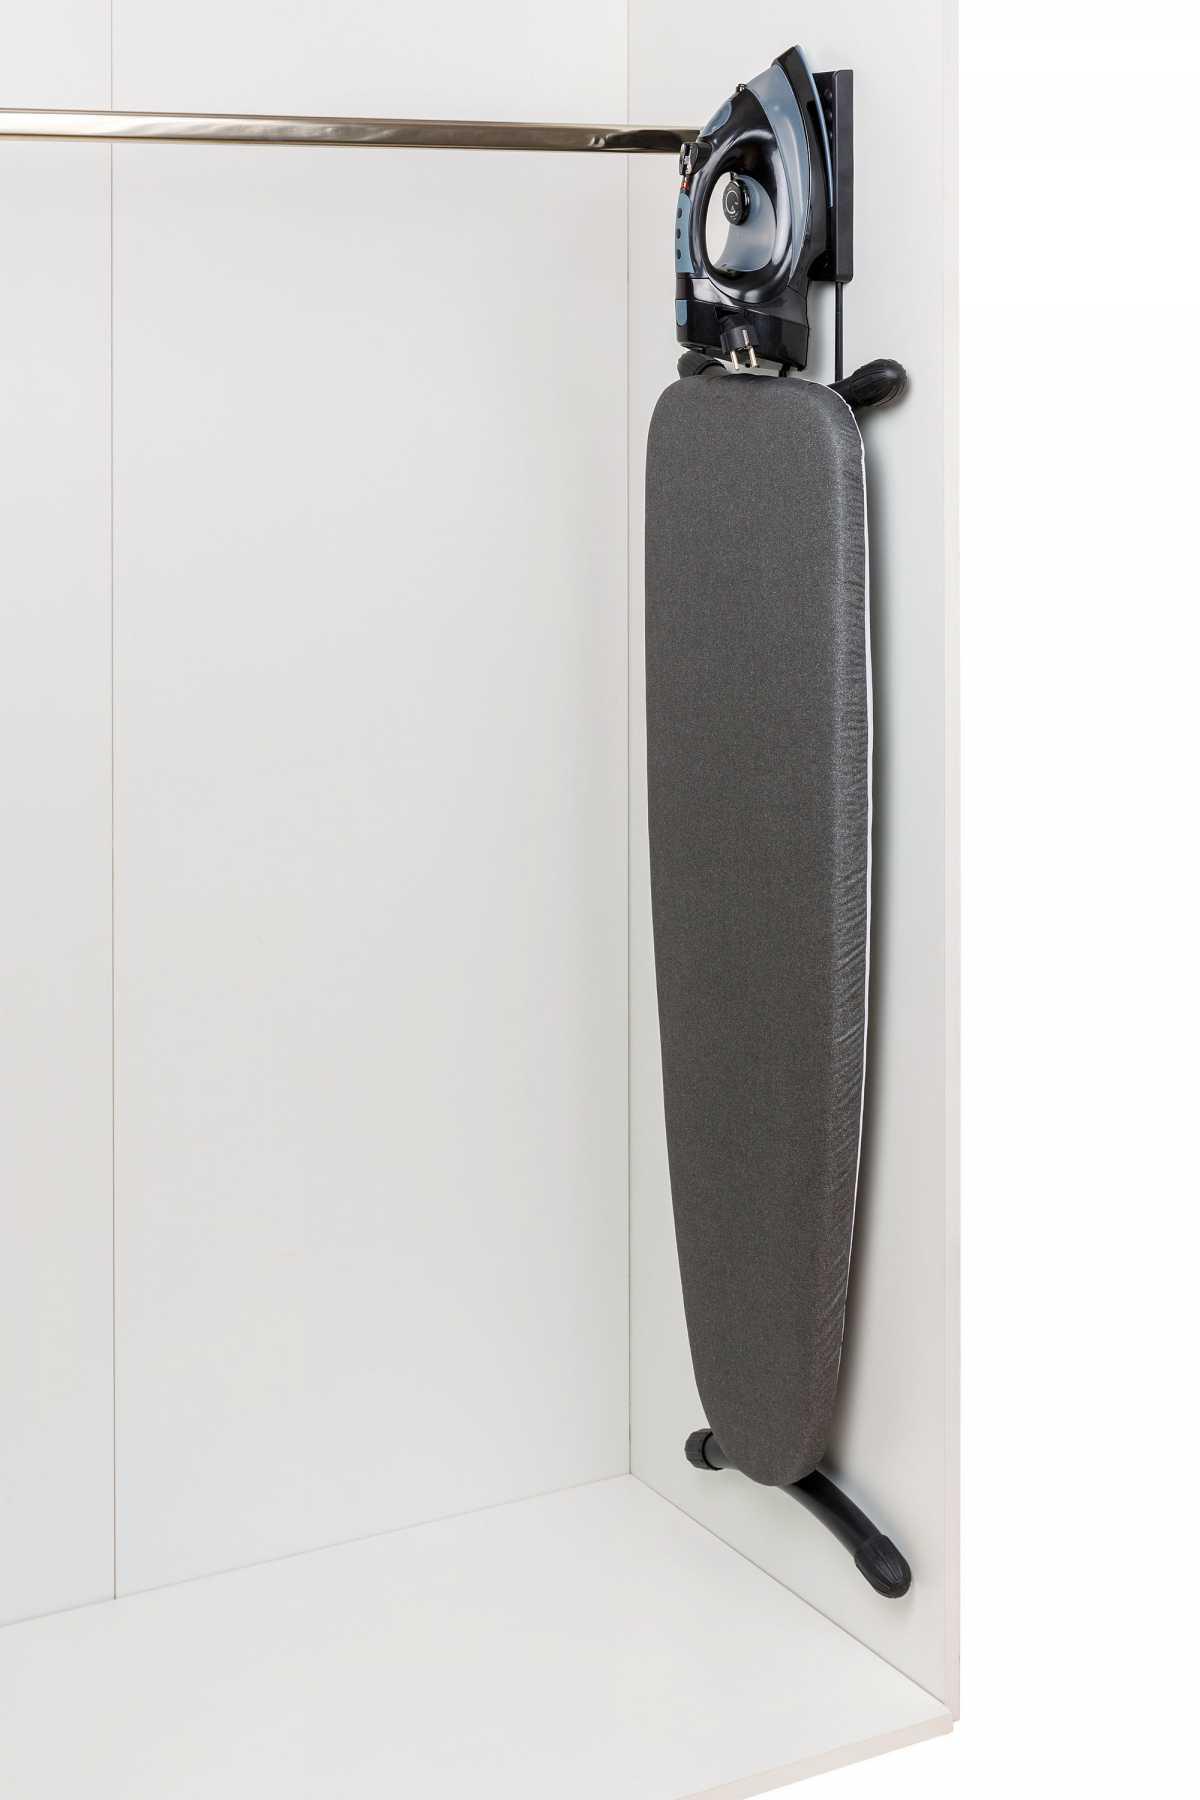 BENTLEY Swirl+ Ütüleme Ünitesi, Laser Organiser ve Geri Çekilebilir Kablolu Buharlı Ütü İle Birlikte, Duvara Monte